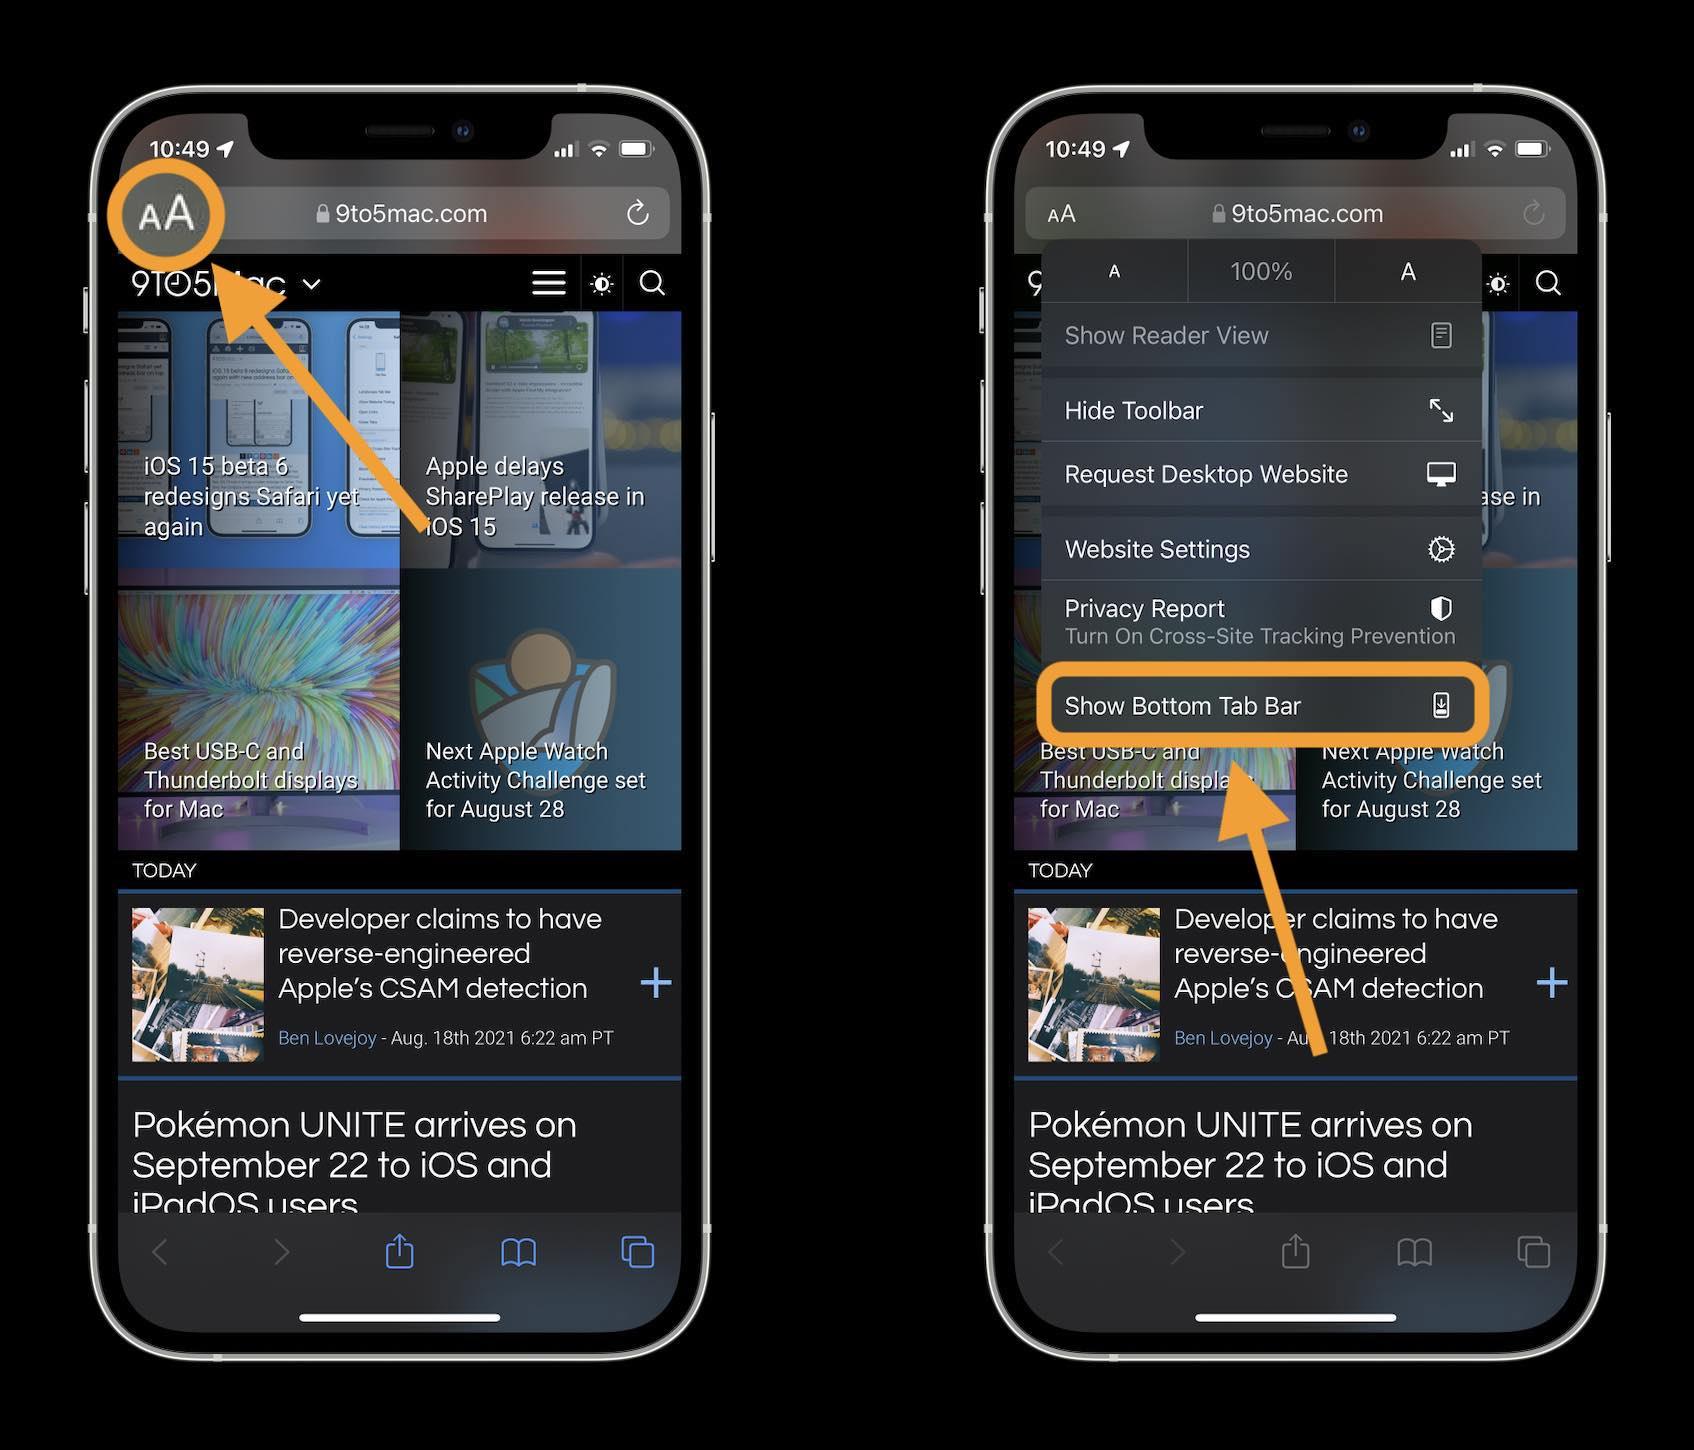 Comment changer l'adresse/la barre de recherche de l'iOS 15 Safari sur la procédure pas à pas de l'iPhone 2- appuyez sur l'icône aA dans le coin supérieur gauche de la barre d'adresse/recherche et appuyez sur Afficher la barre d'onglets inférieure